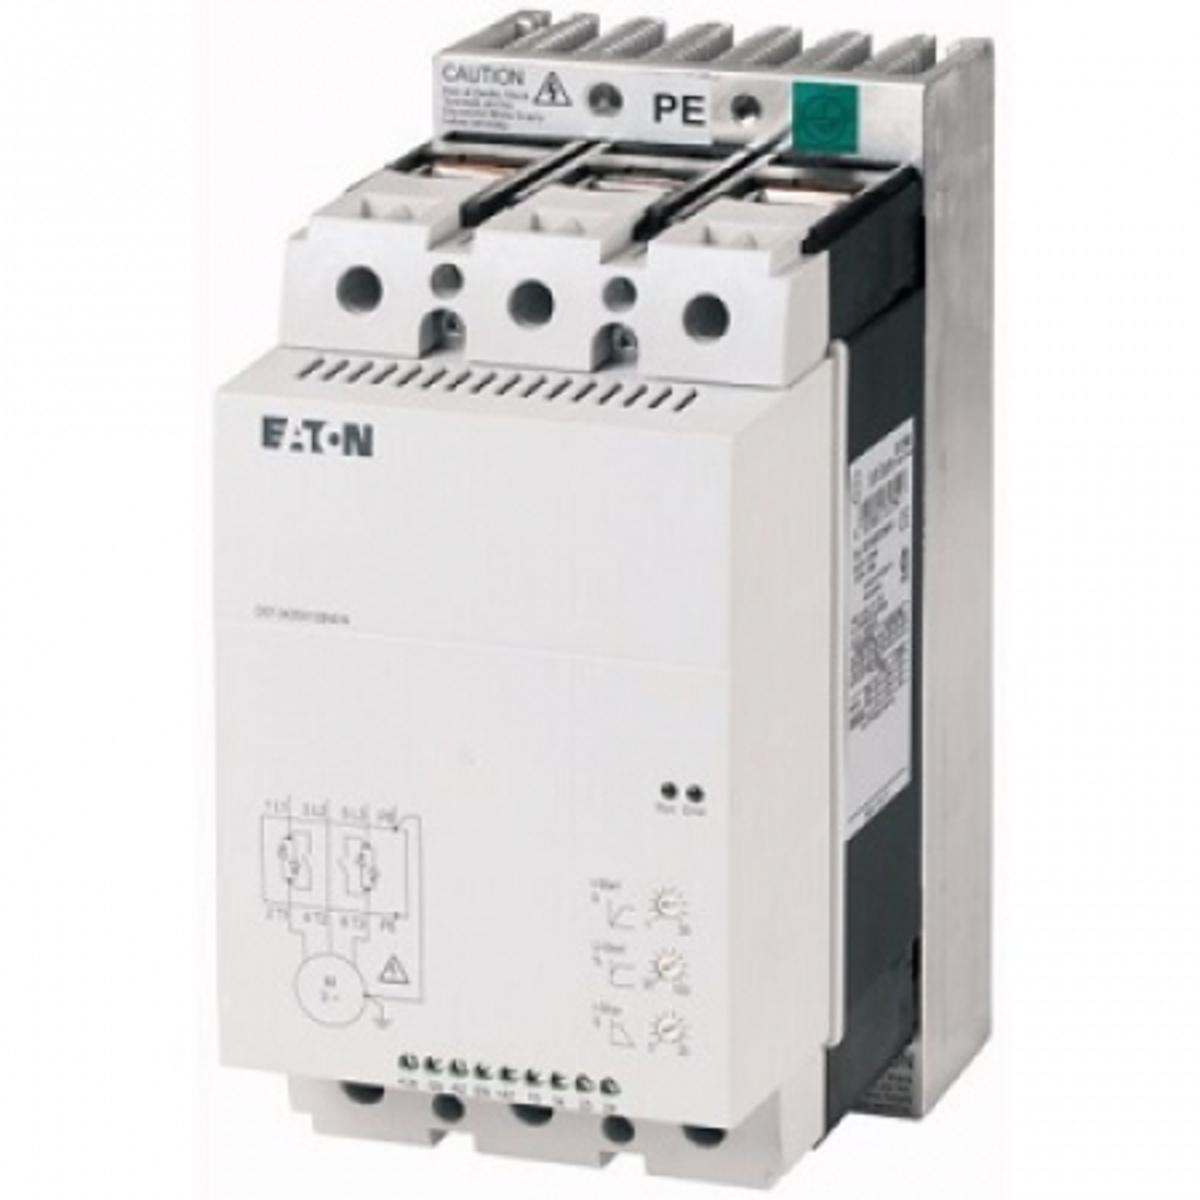 SOFT STARTER 160A COMANDO 24VCA/CC 3P 160A DS7-340SX160N0-N EATON